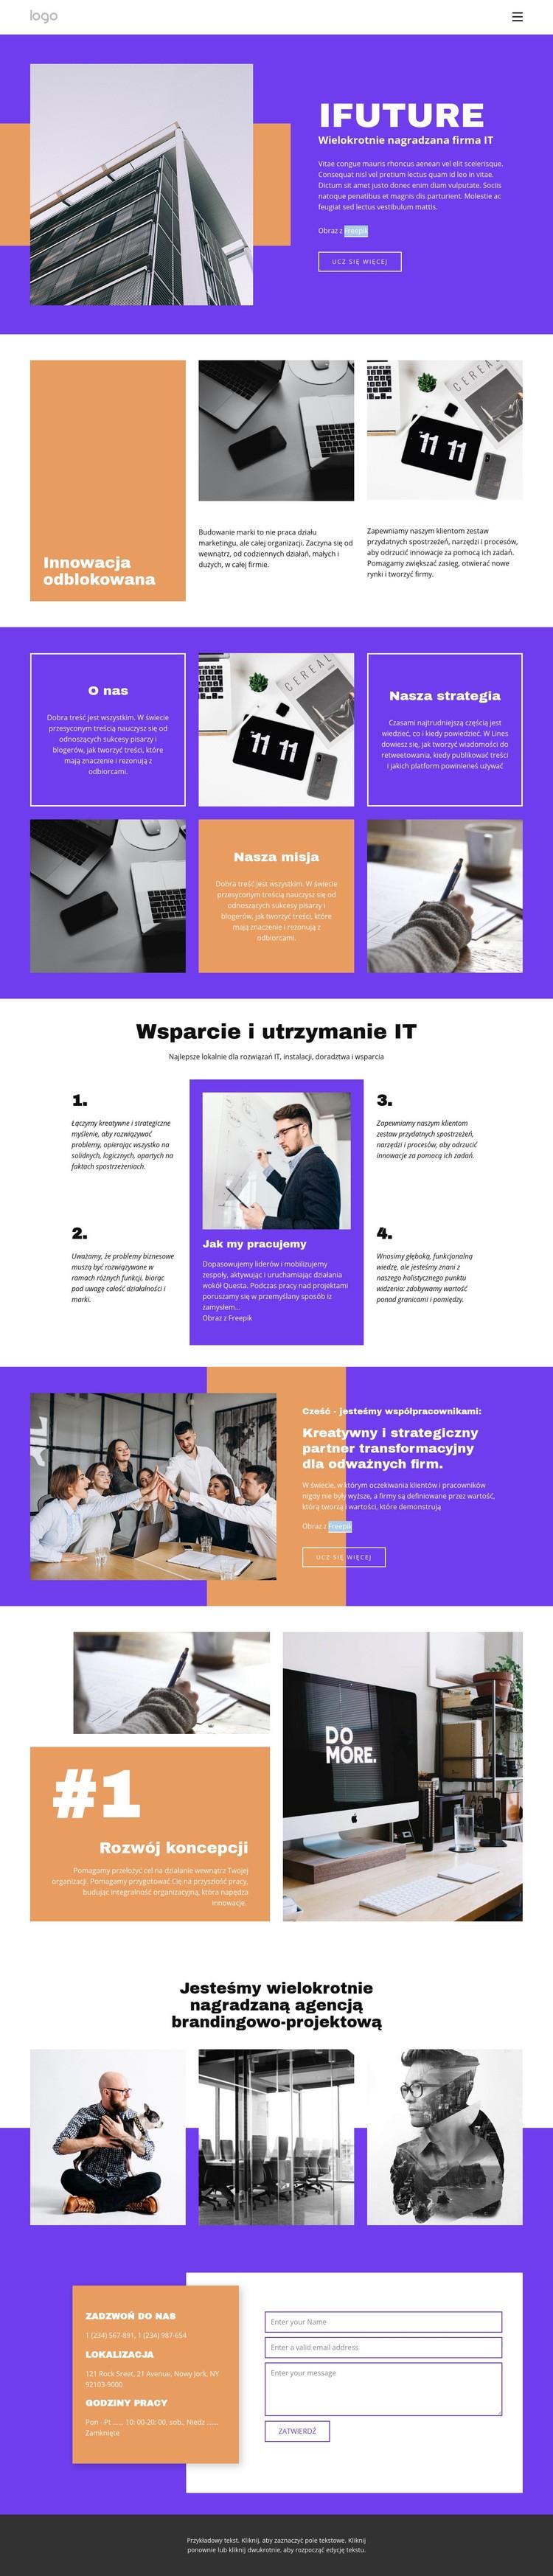 Wielokrotnie nagradzana firma IT Szablon witryny sieci Web